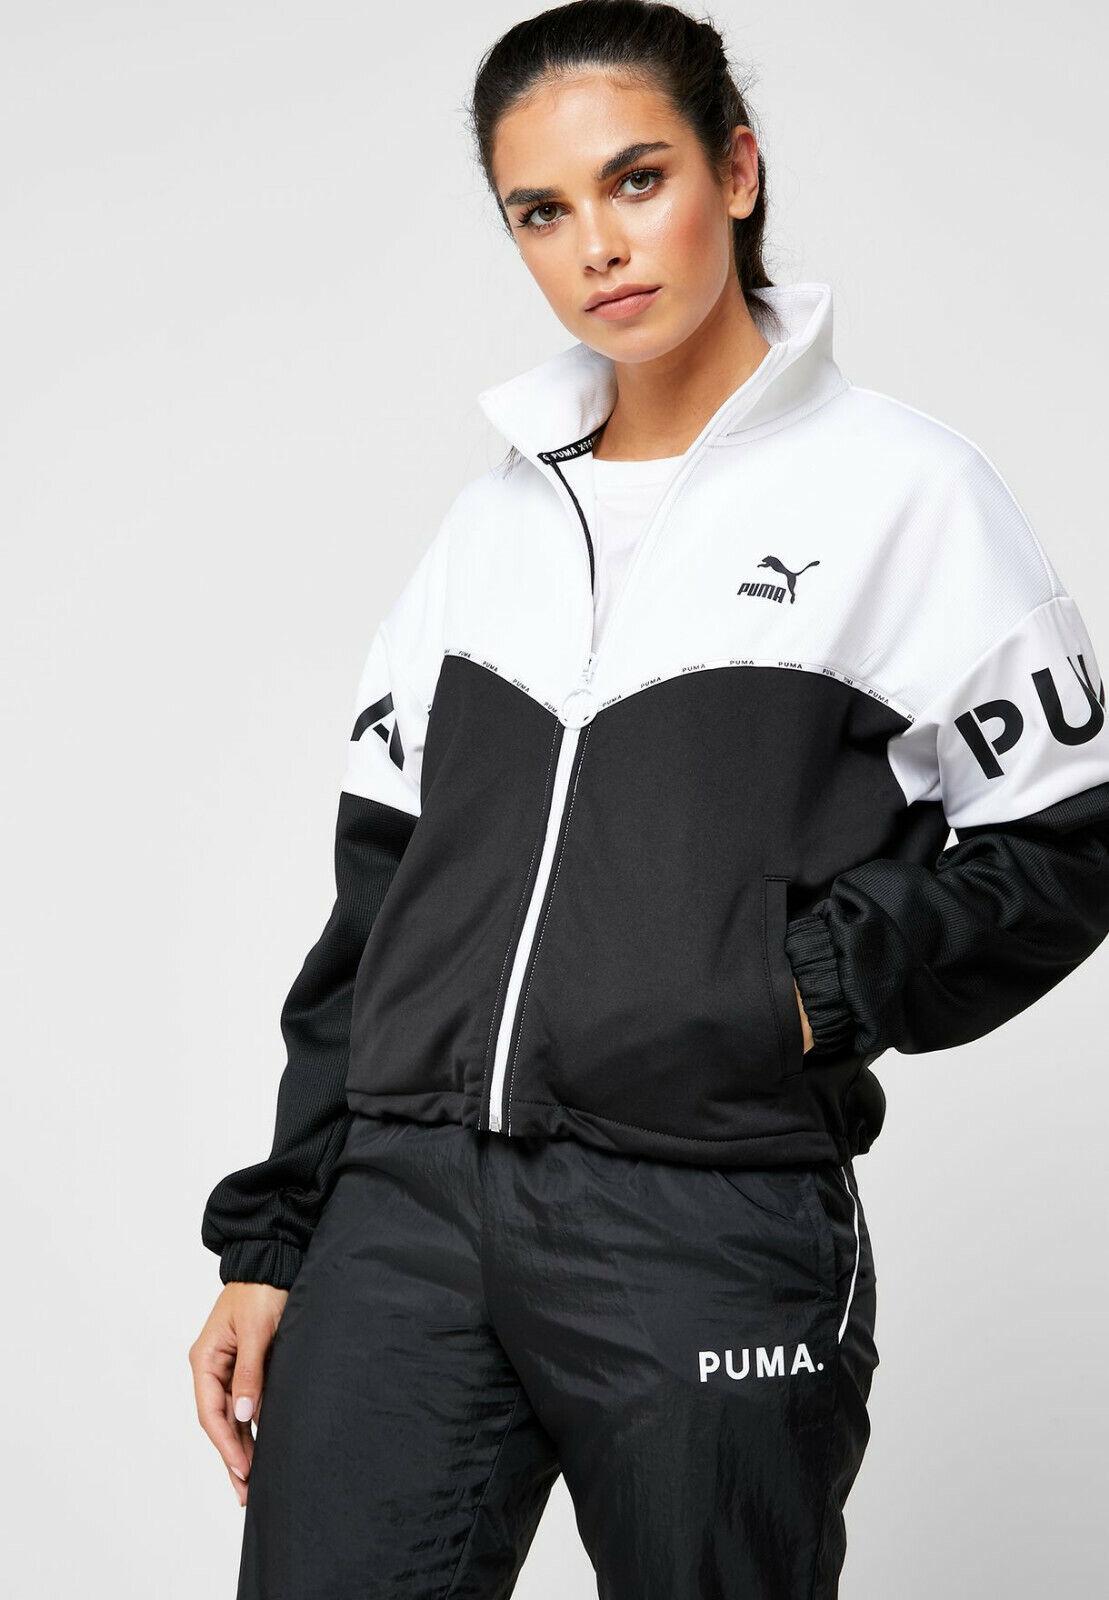 PUMA Xtg Trainingsjacke Damen Schwarz Weiß Active Wear Reißverschluss Top